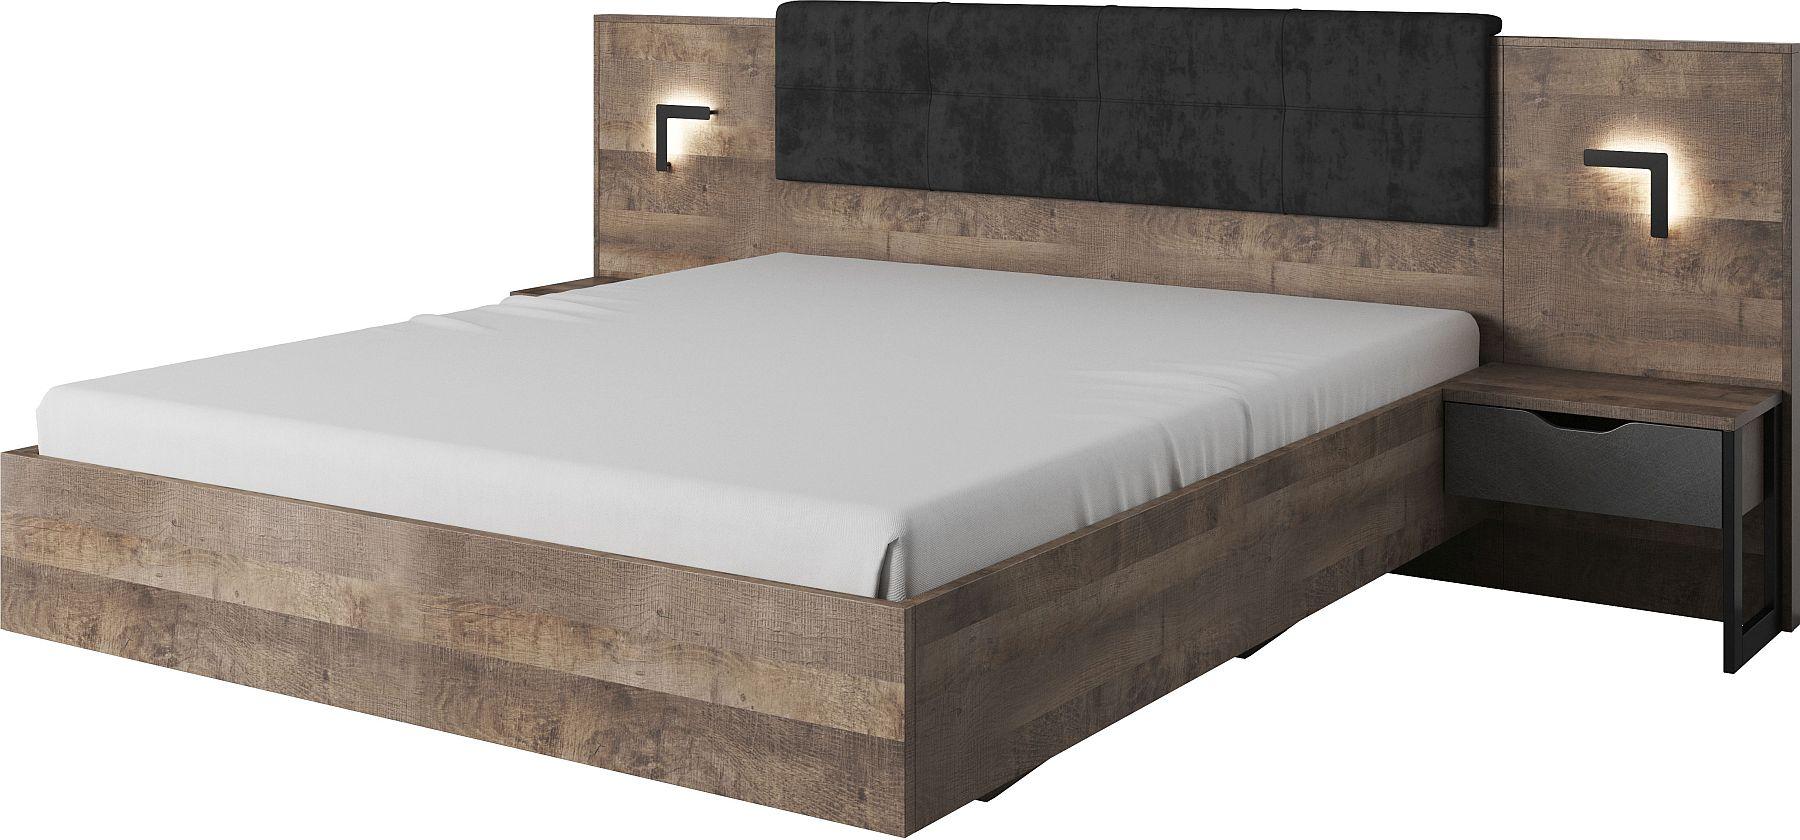 ARDEN-bed+11